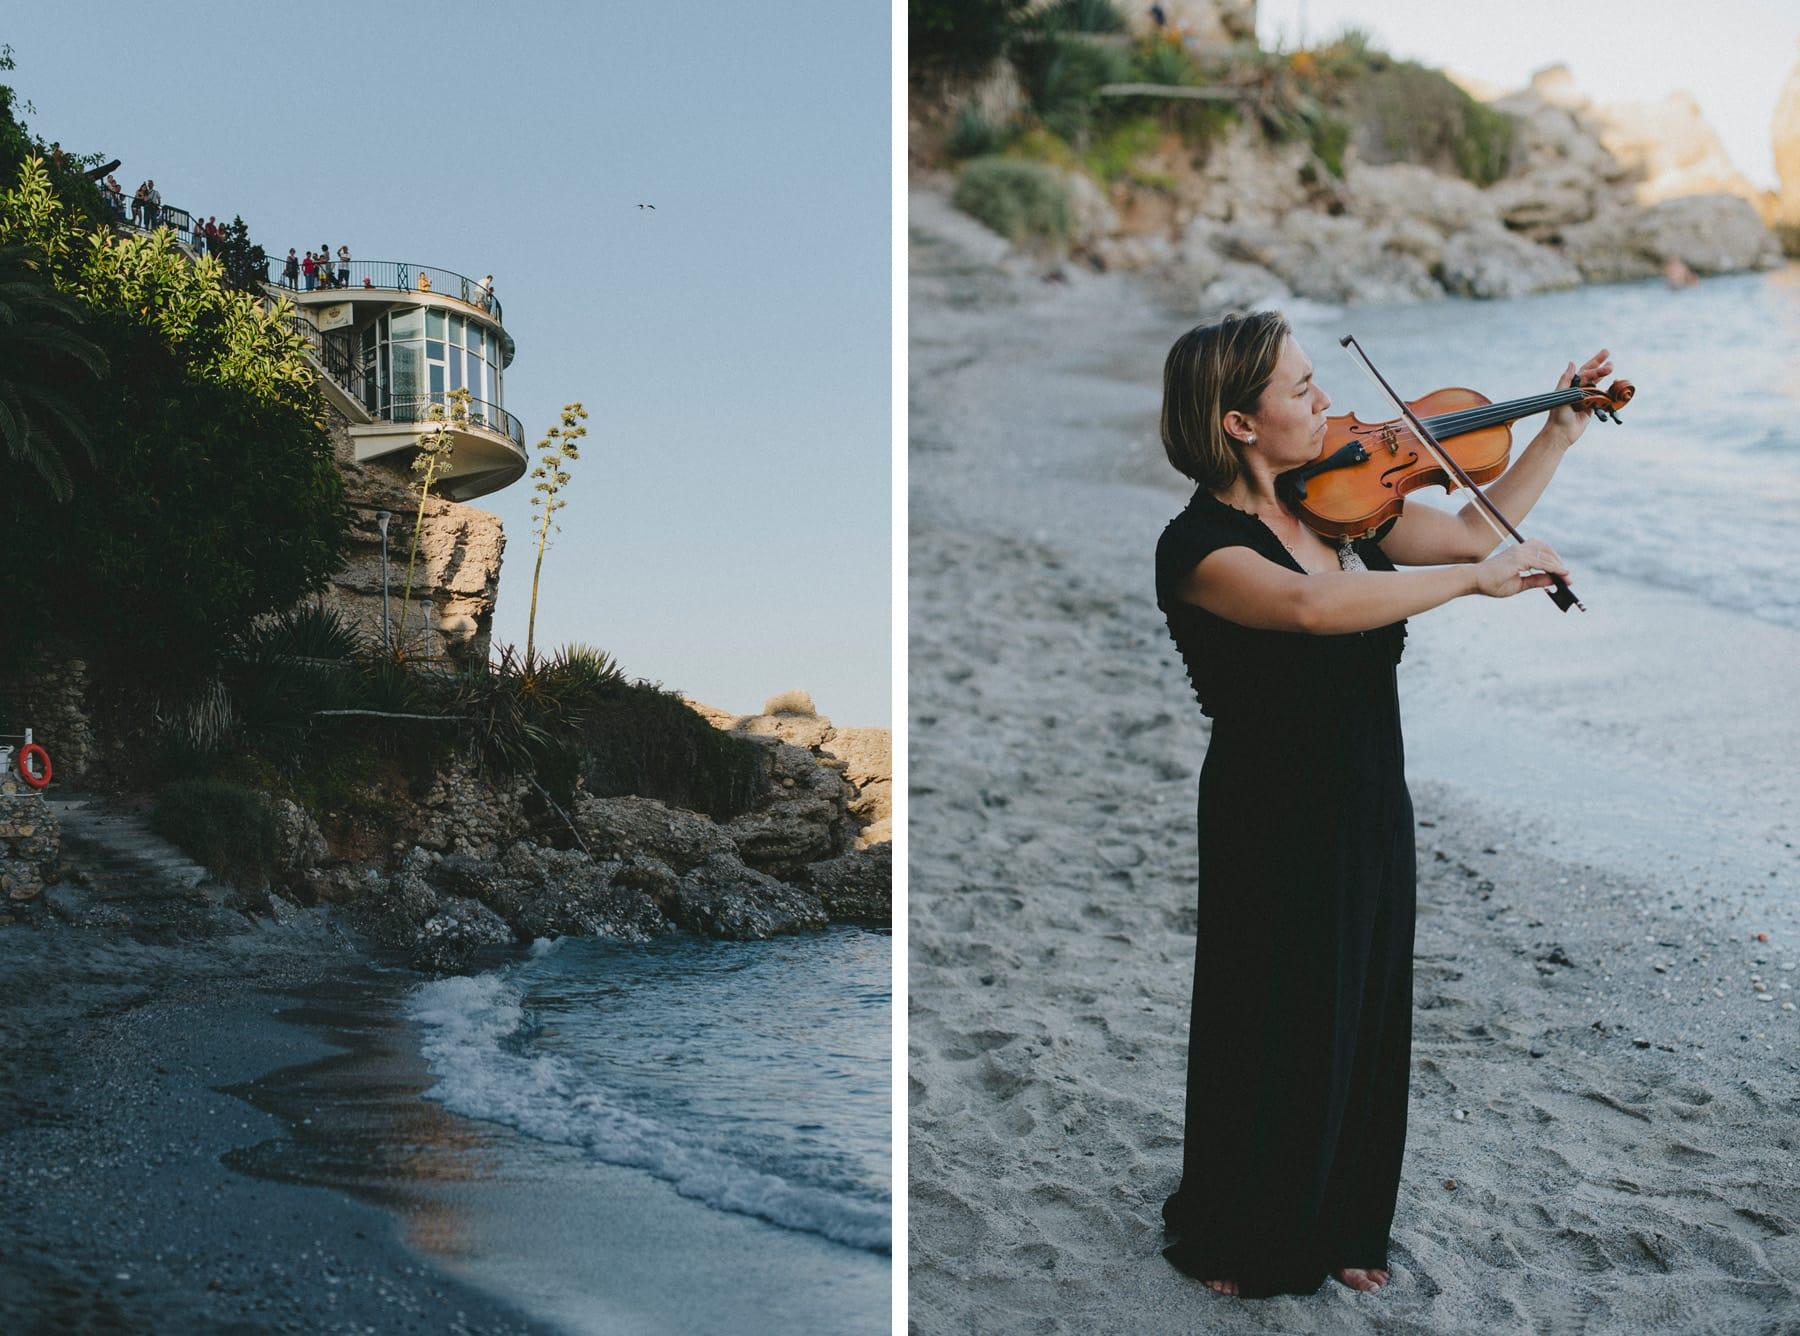 Violinist Naiara Castillejo